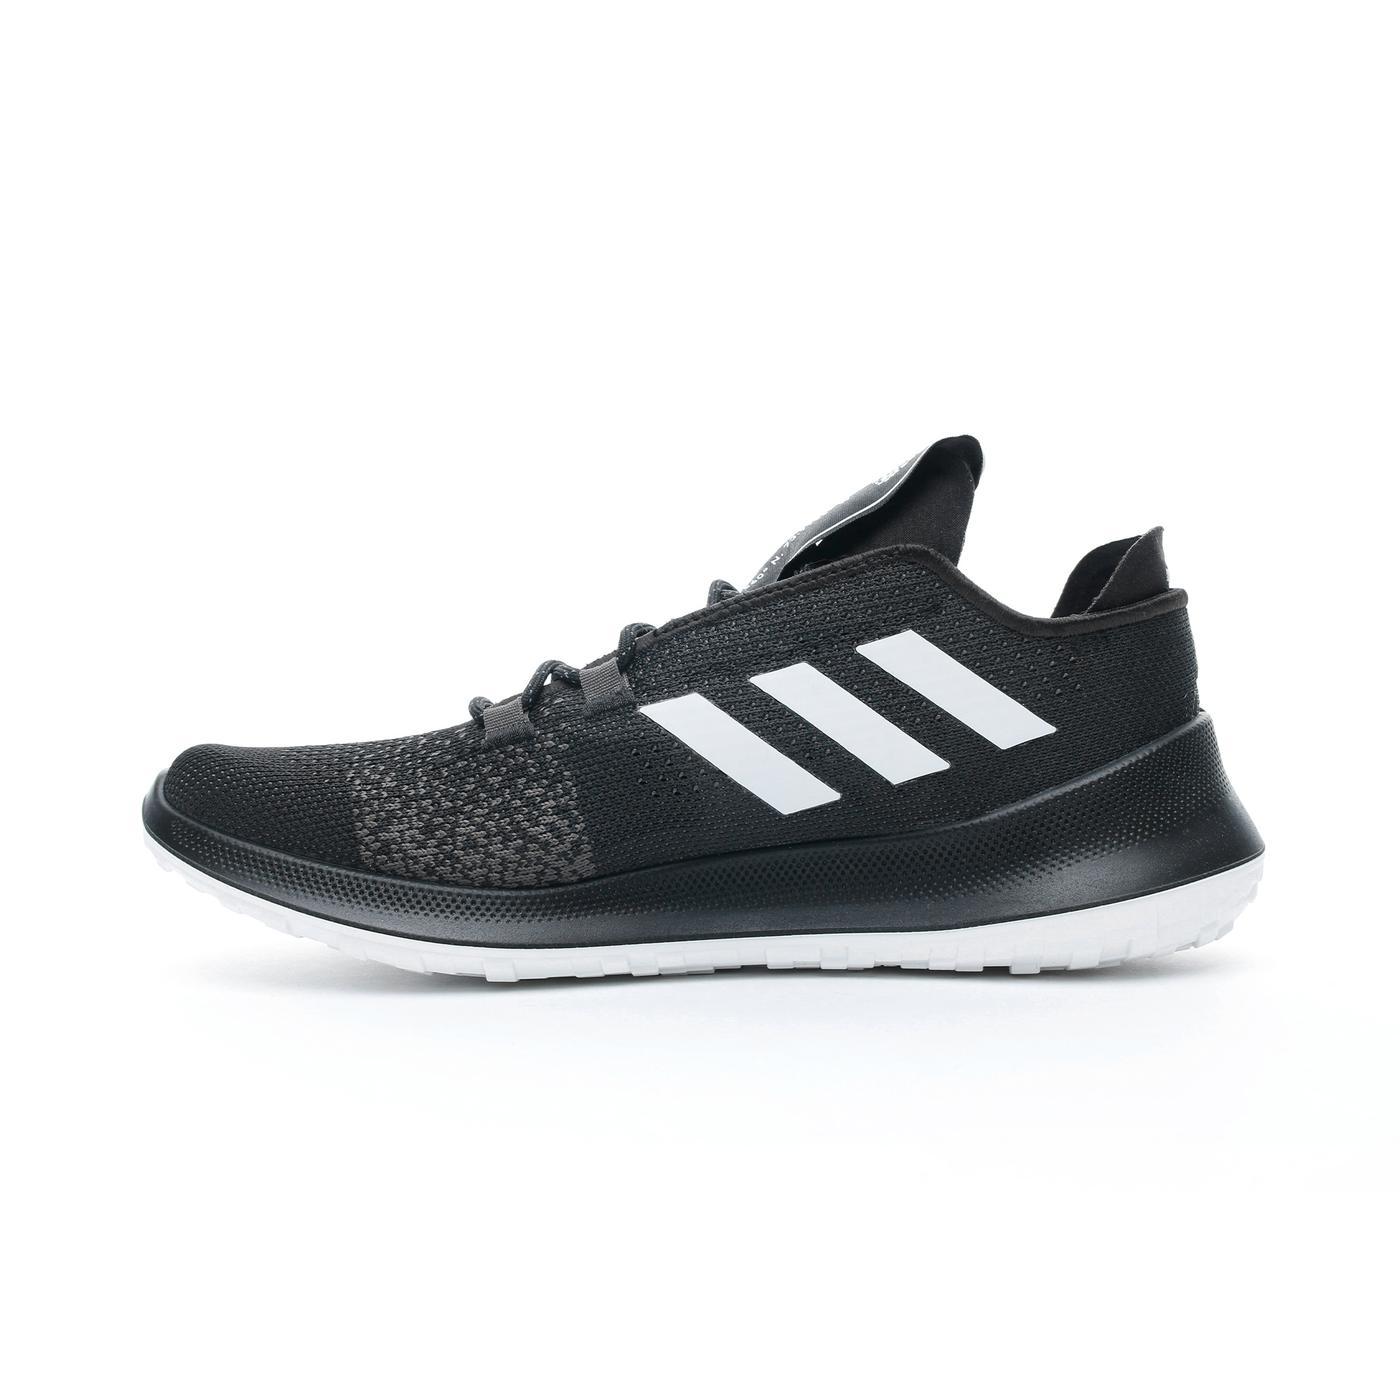 adidas SenseBounce + Ace Erkek Siyah Spor Ayakkabı